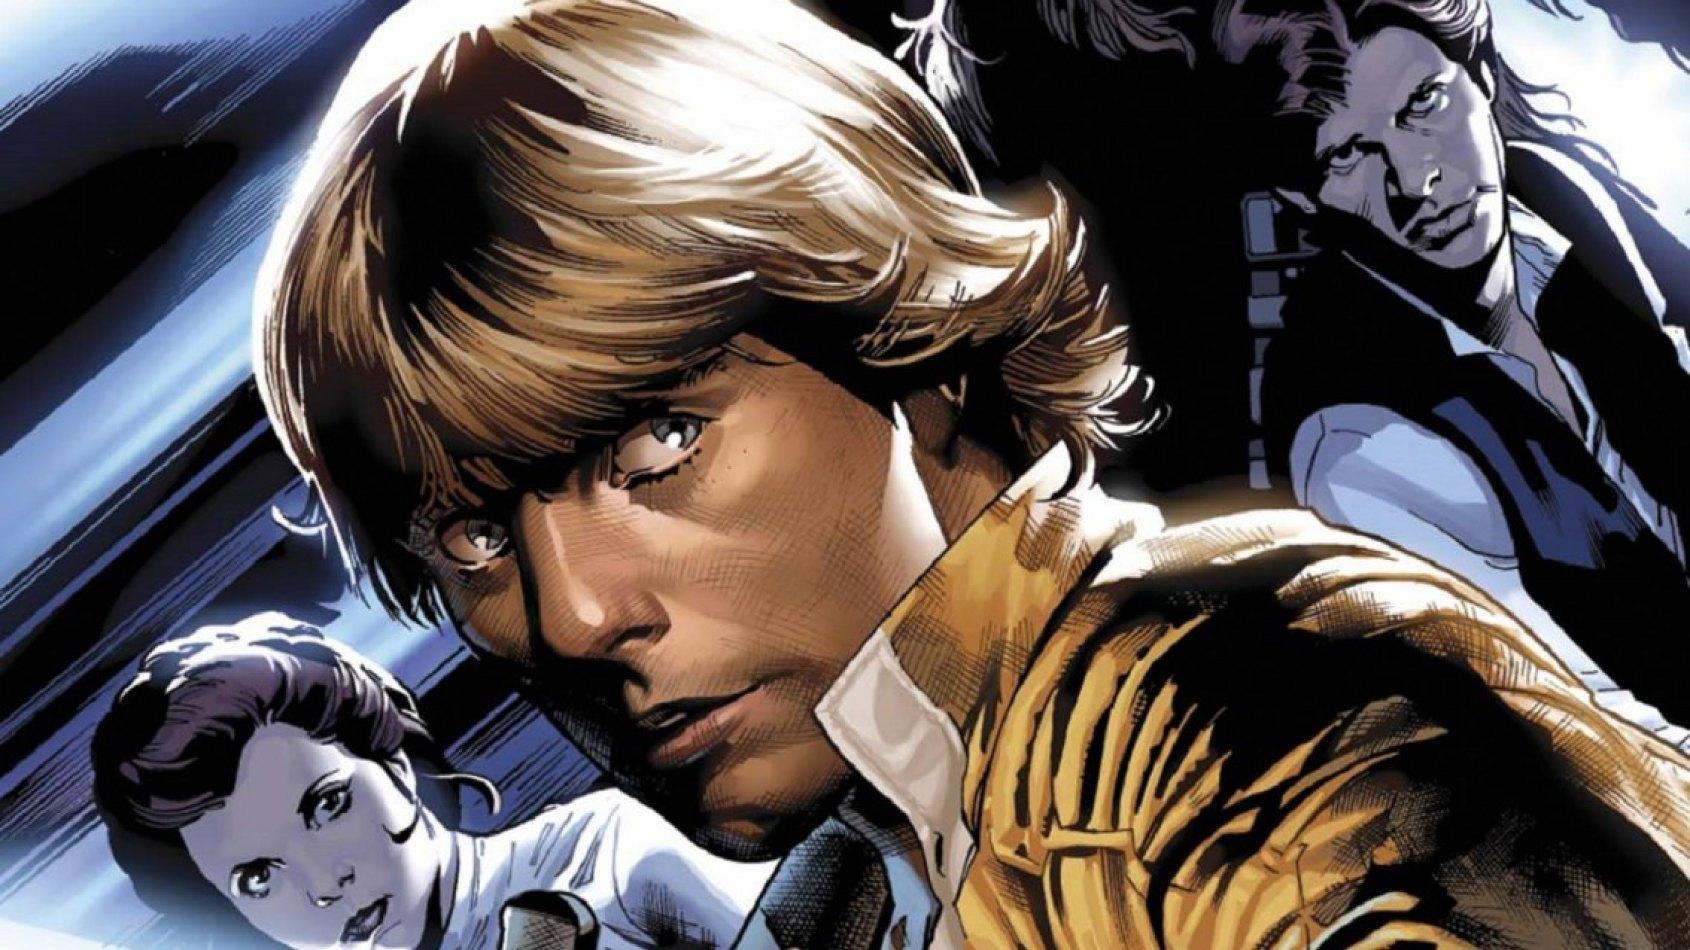 Panini : Les couvertures de Star Wars 2 et Dark Vador 2